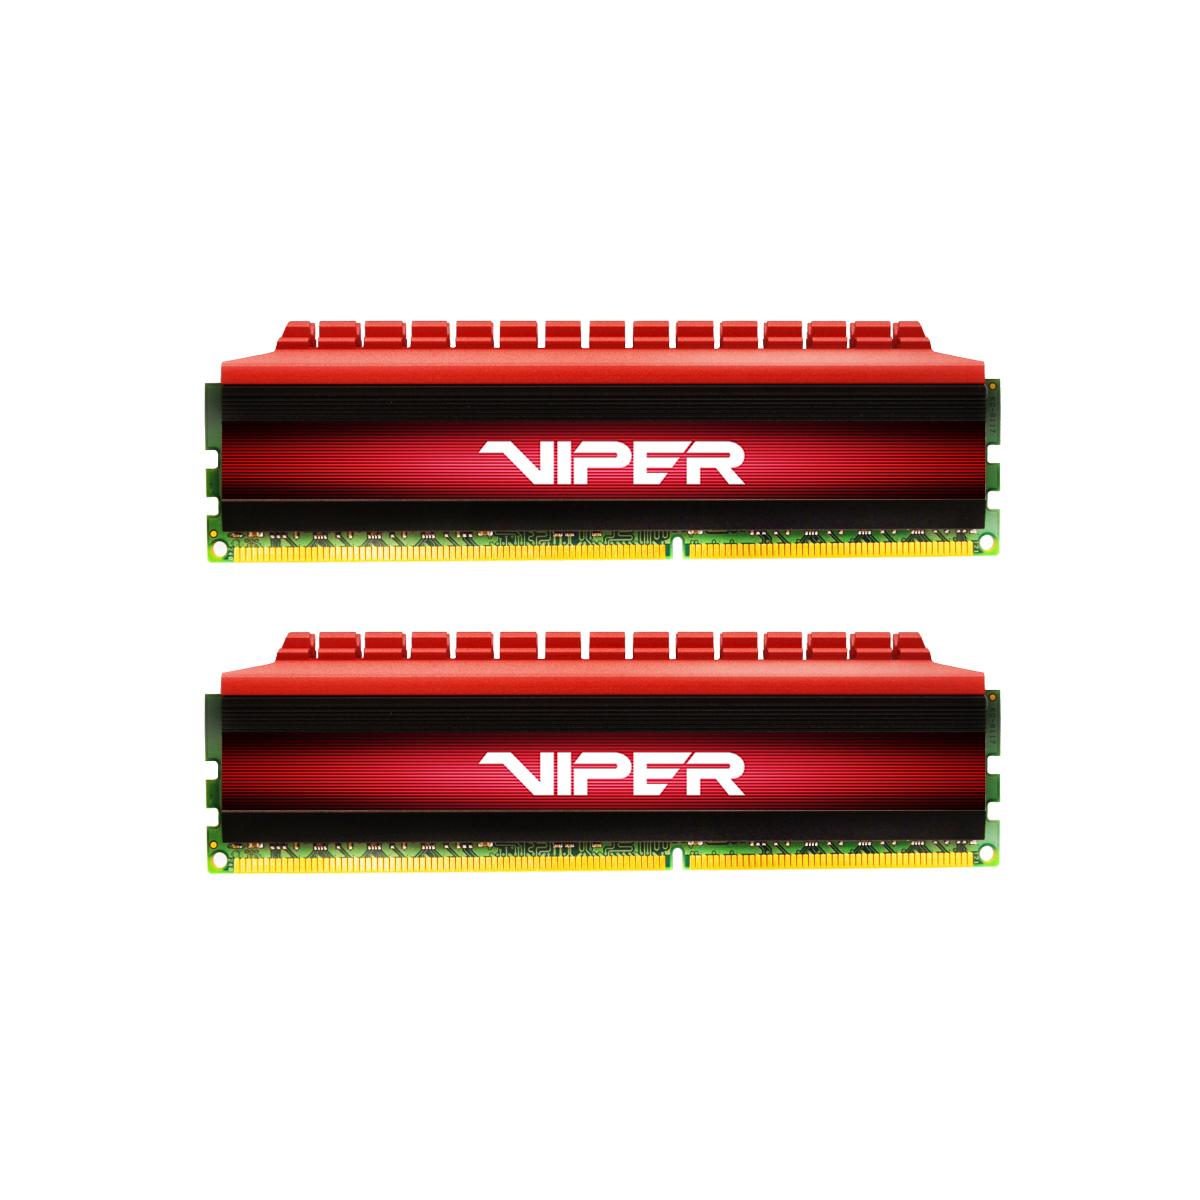 Patriot Memory Viper 4 PV432G320C6K memory module 32 GB DDR4 3200 MHz